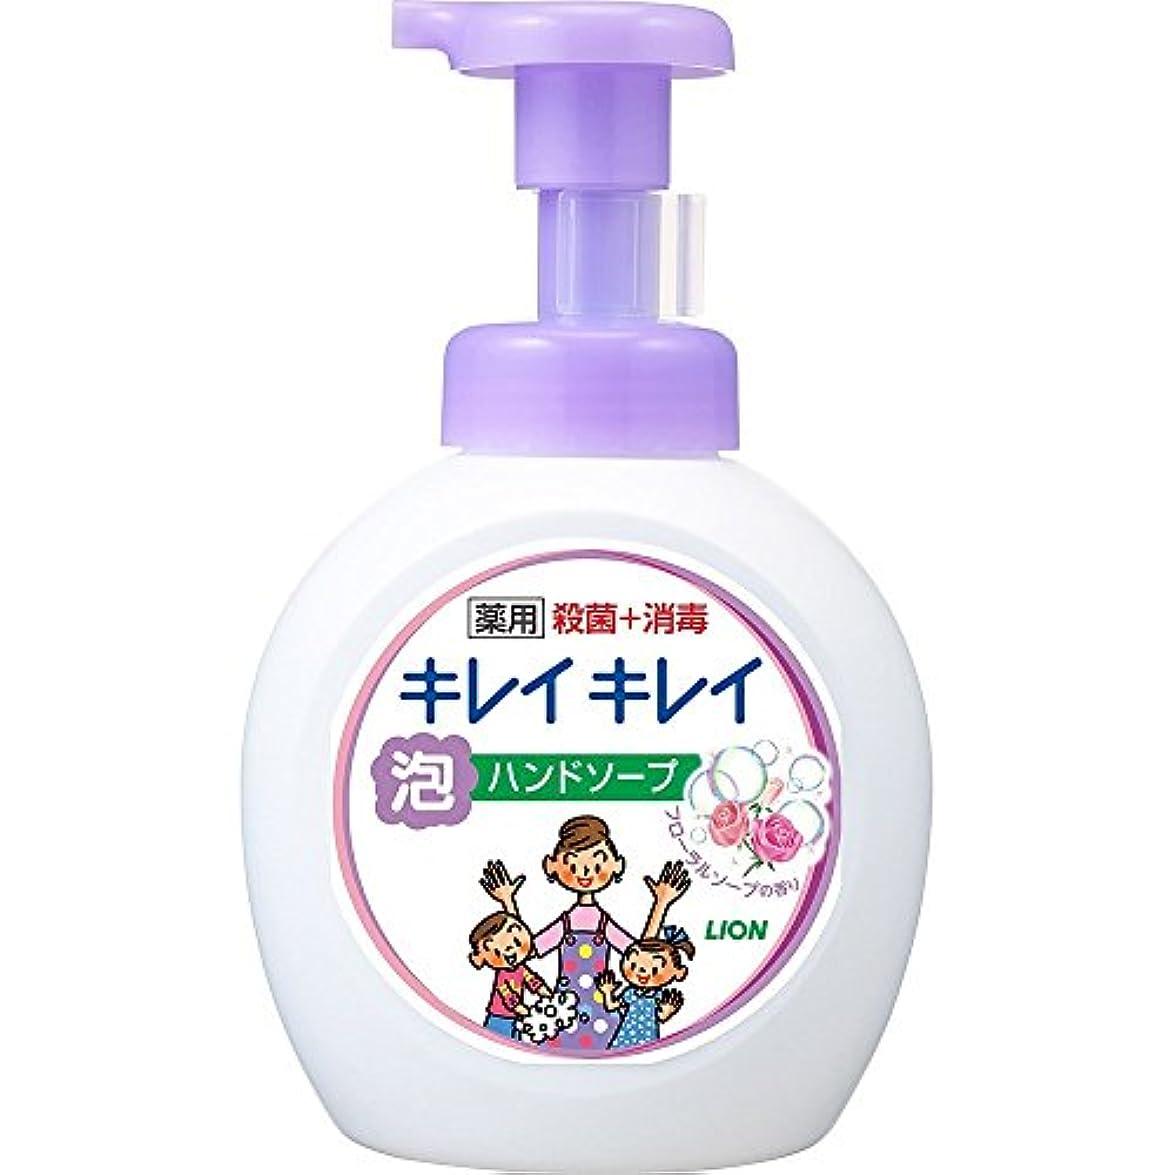 木ストローク神社キレイキレイ 薬用 泡ハンドソープ フローラルソープの香り 本体ポンプ 大型サイズ 500ml(医薬部外品)